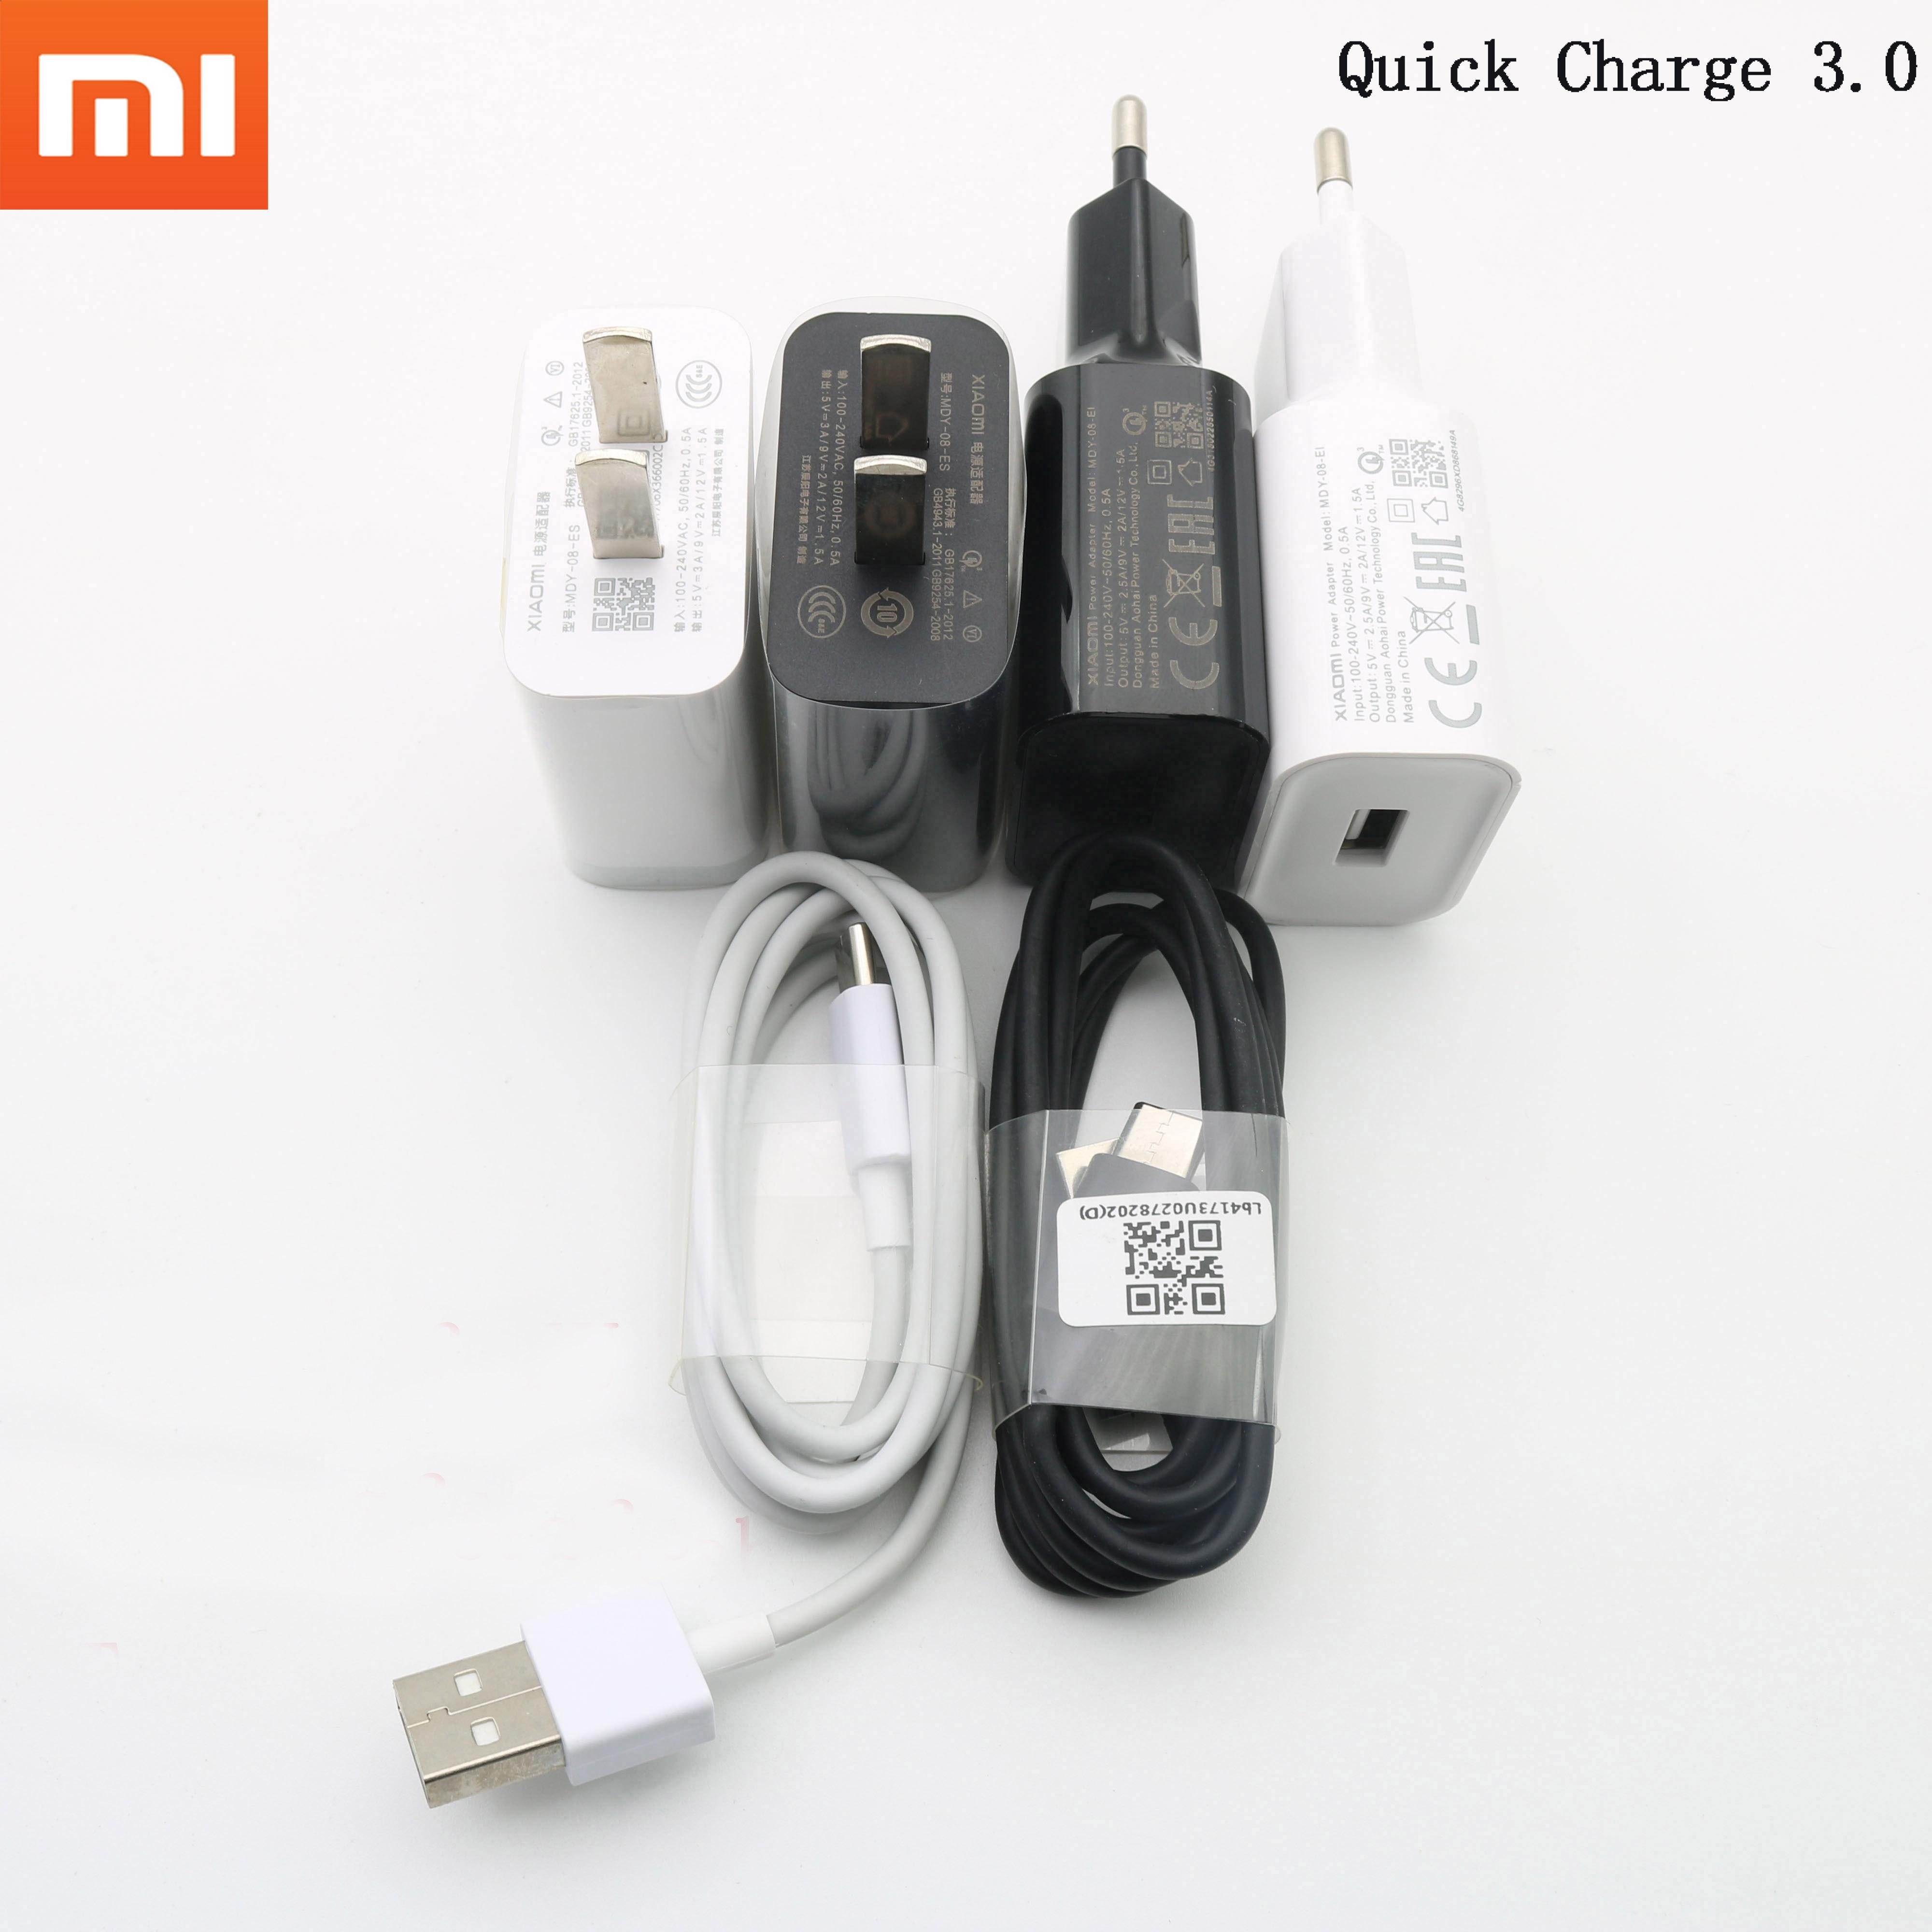 Быстрое зарядное устройство Xiao mi, оригинальный QC 3,0 адаптер для быстрой зарядки USB type c для mi 6 a2 a3 8 9 lite se 9 9t pro max 3 redmi note 7 8 pro